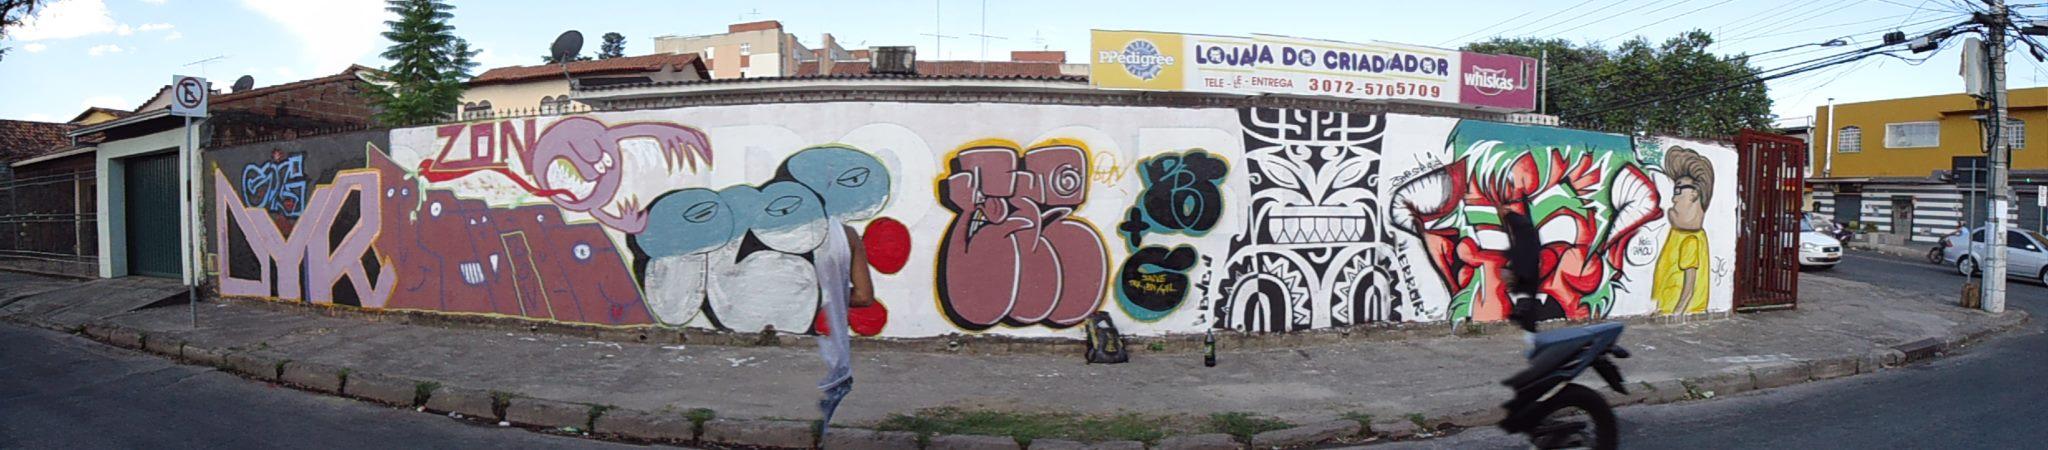 mural pck.jpg